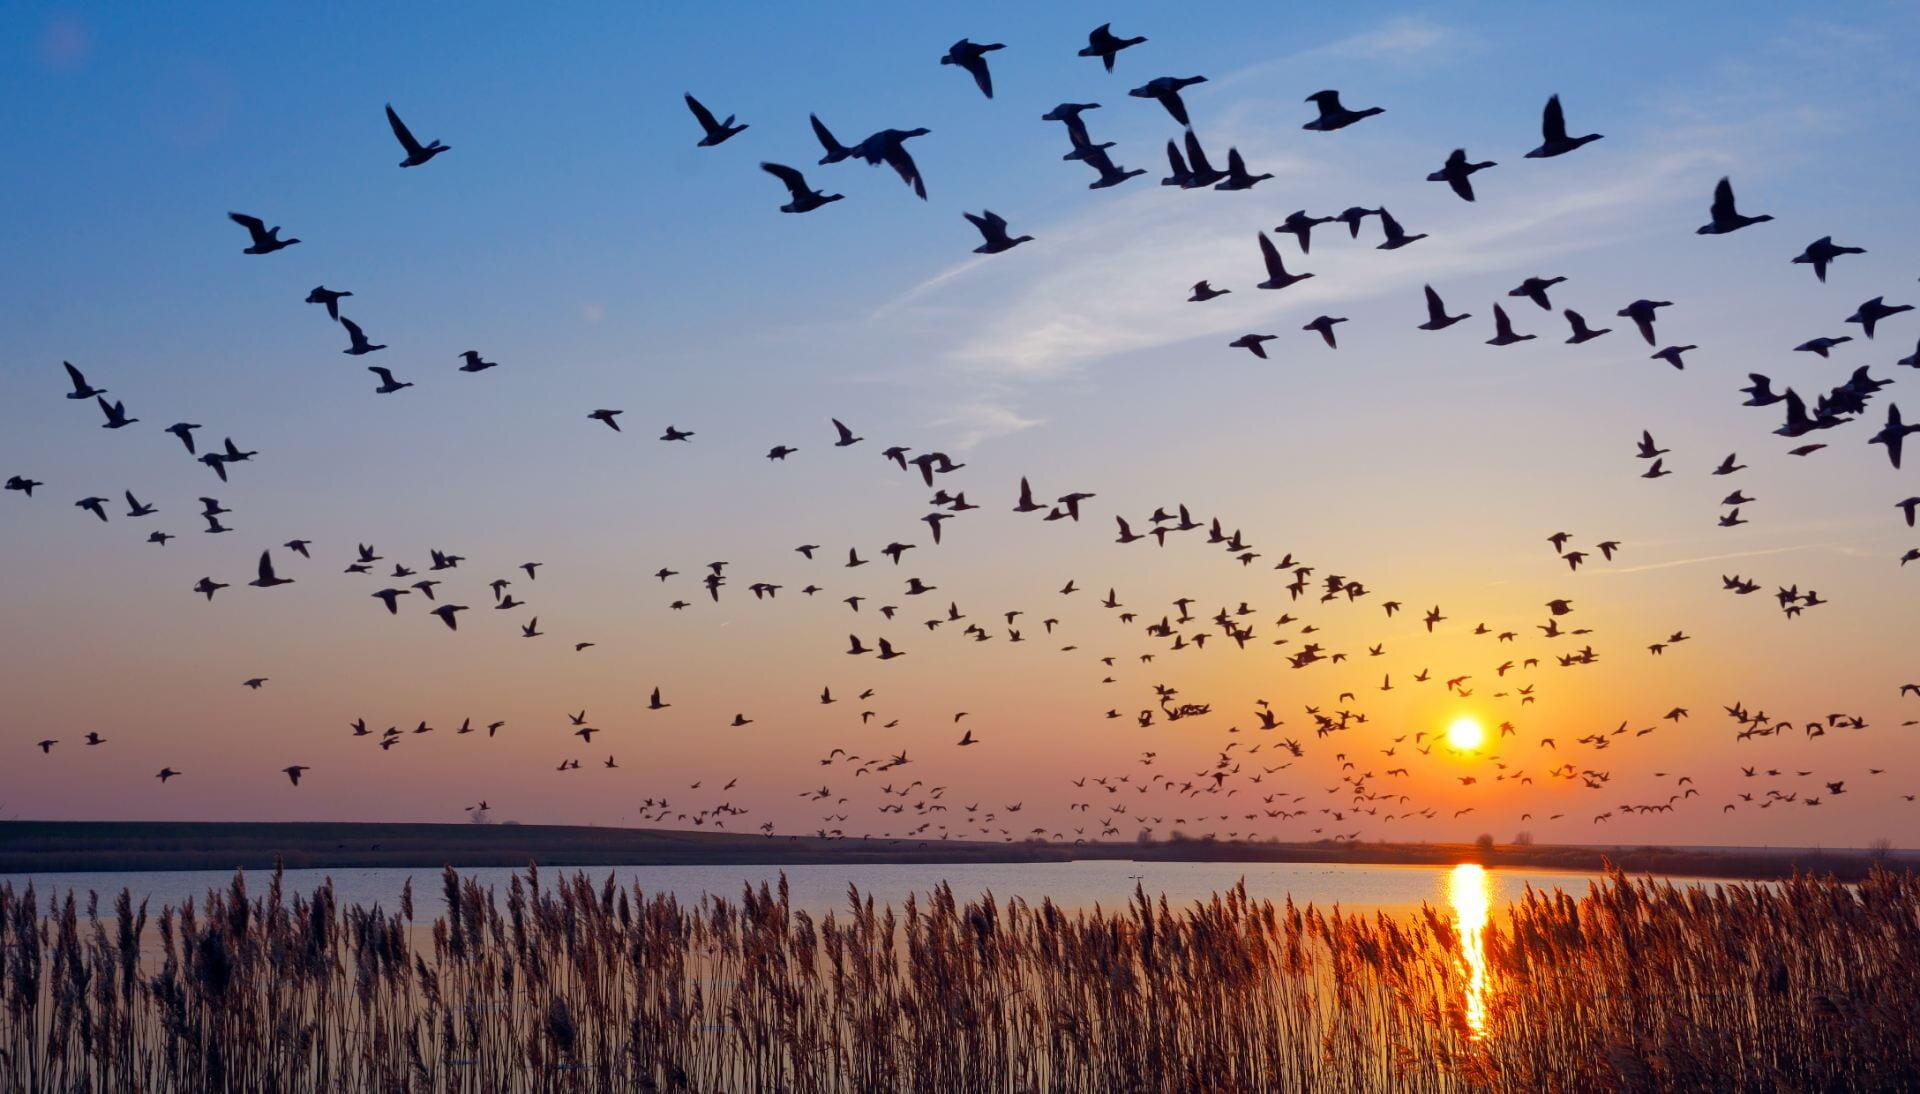 Vögel Fliegen In Den Süden